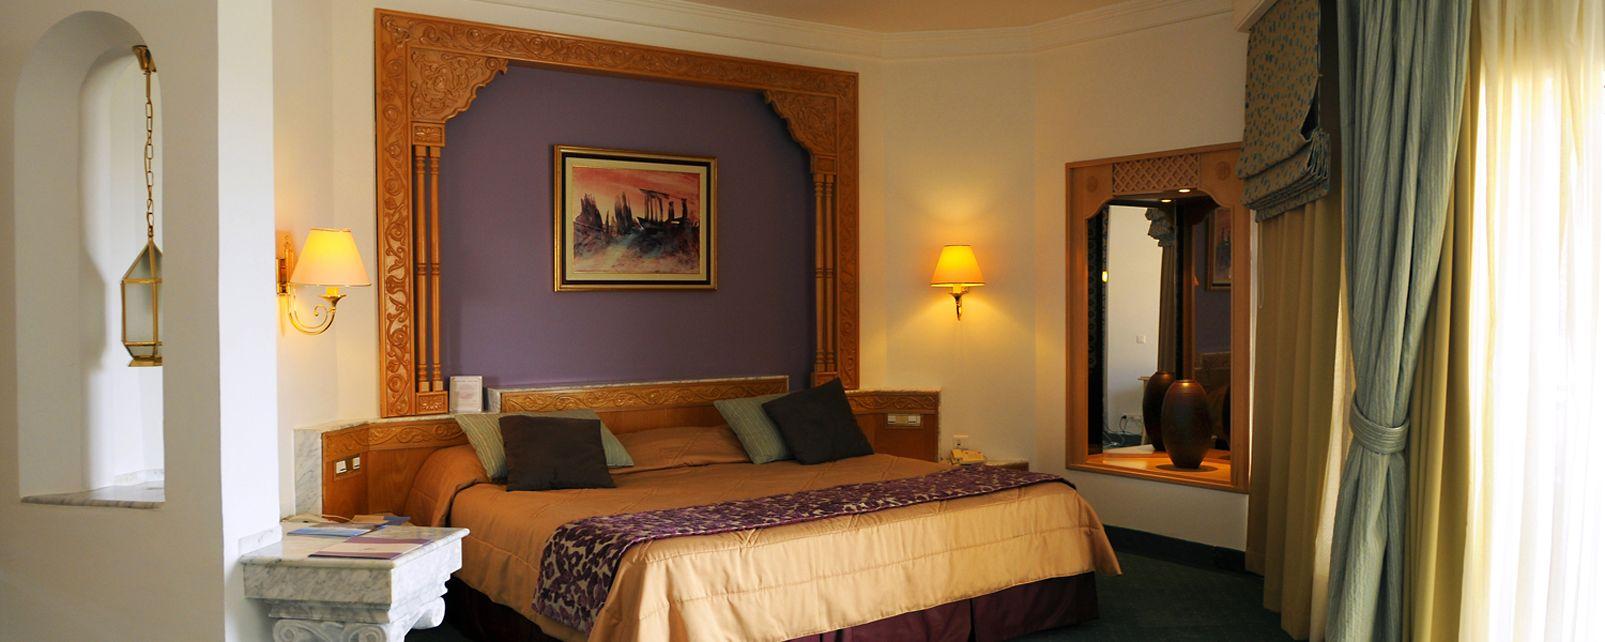 Hotel hasdrubal thalassa spa yasmine hammamet in for Salon yasmine